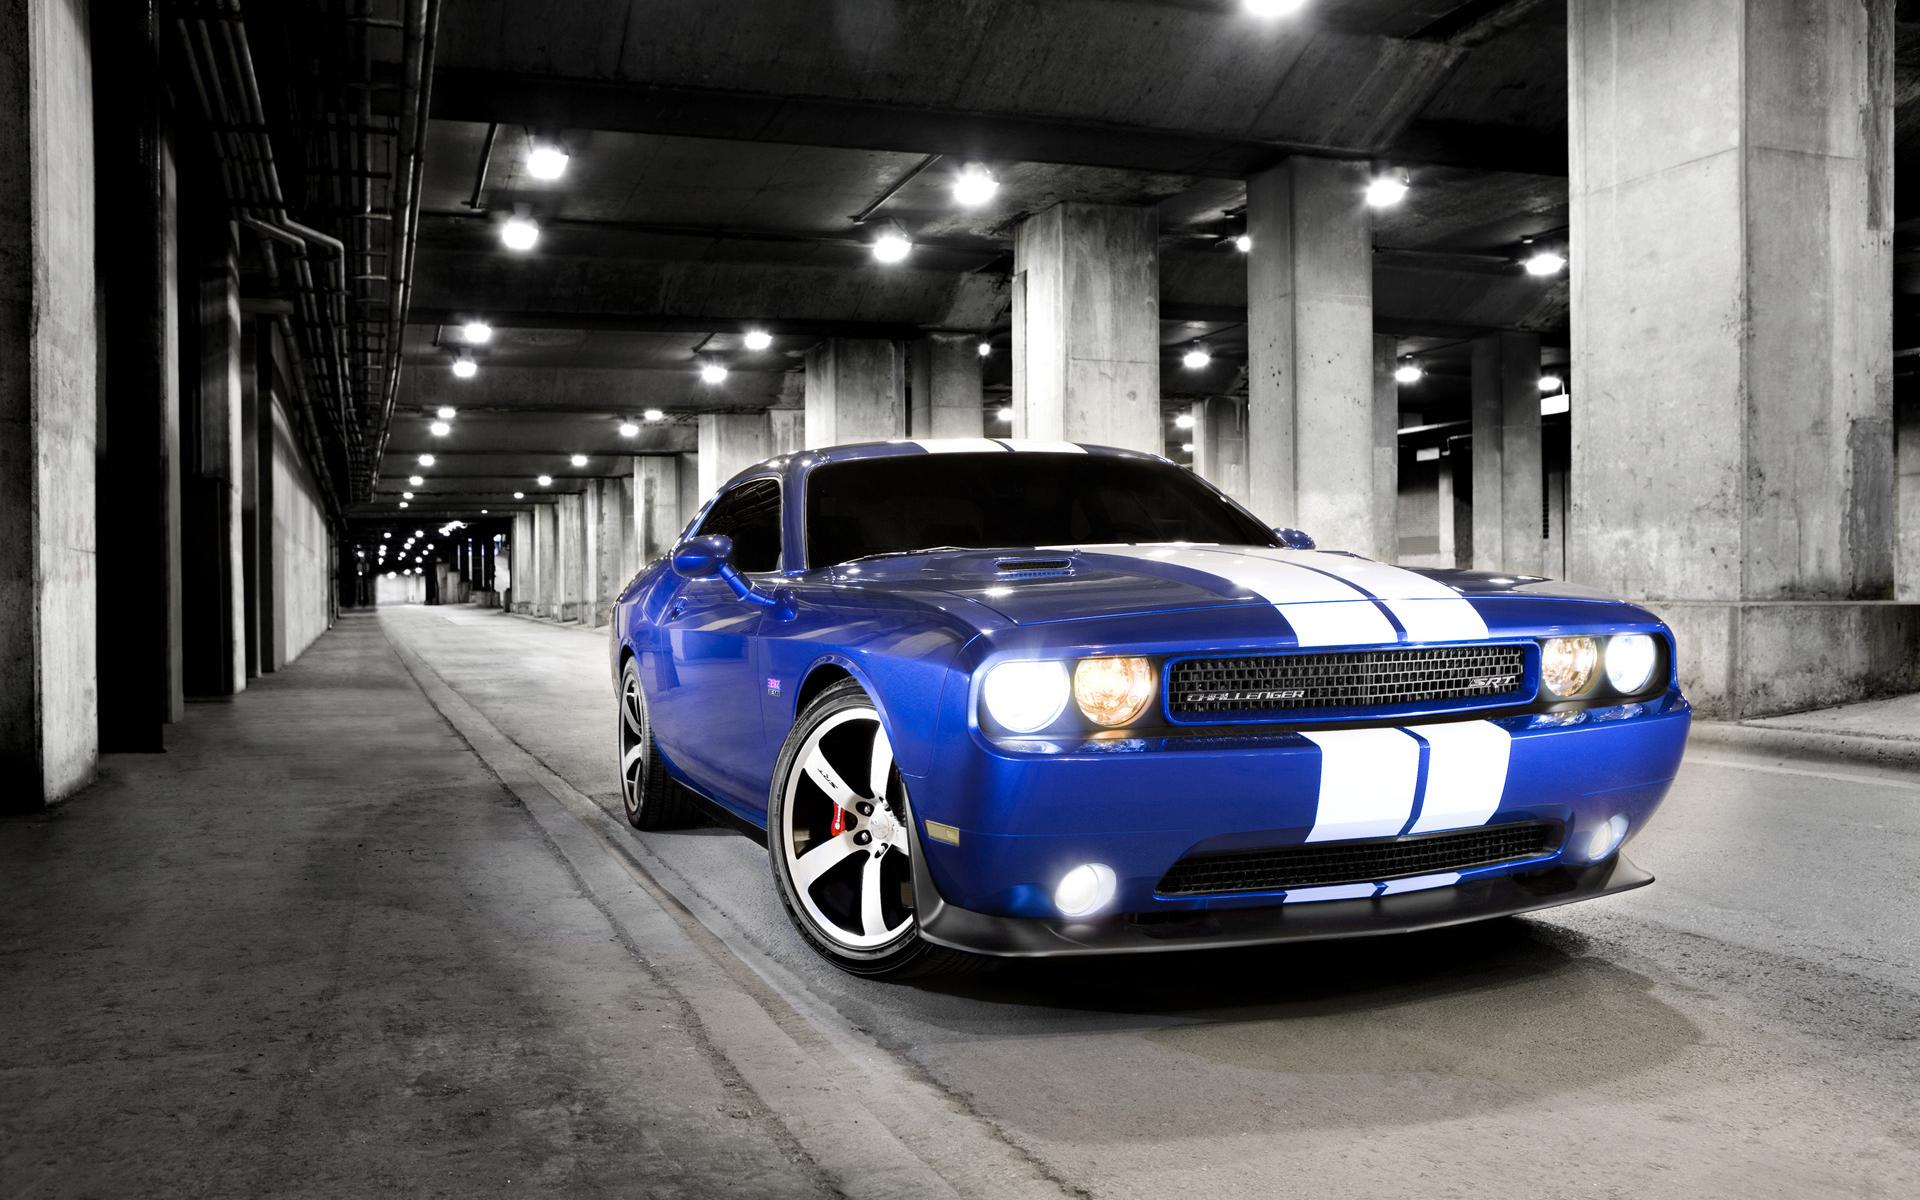 Dodge Challenger Srt Hd Wallpaper 1920x1200 16640